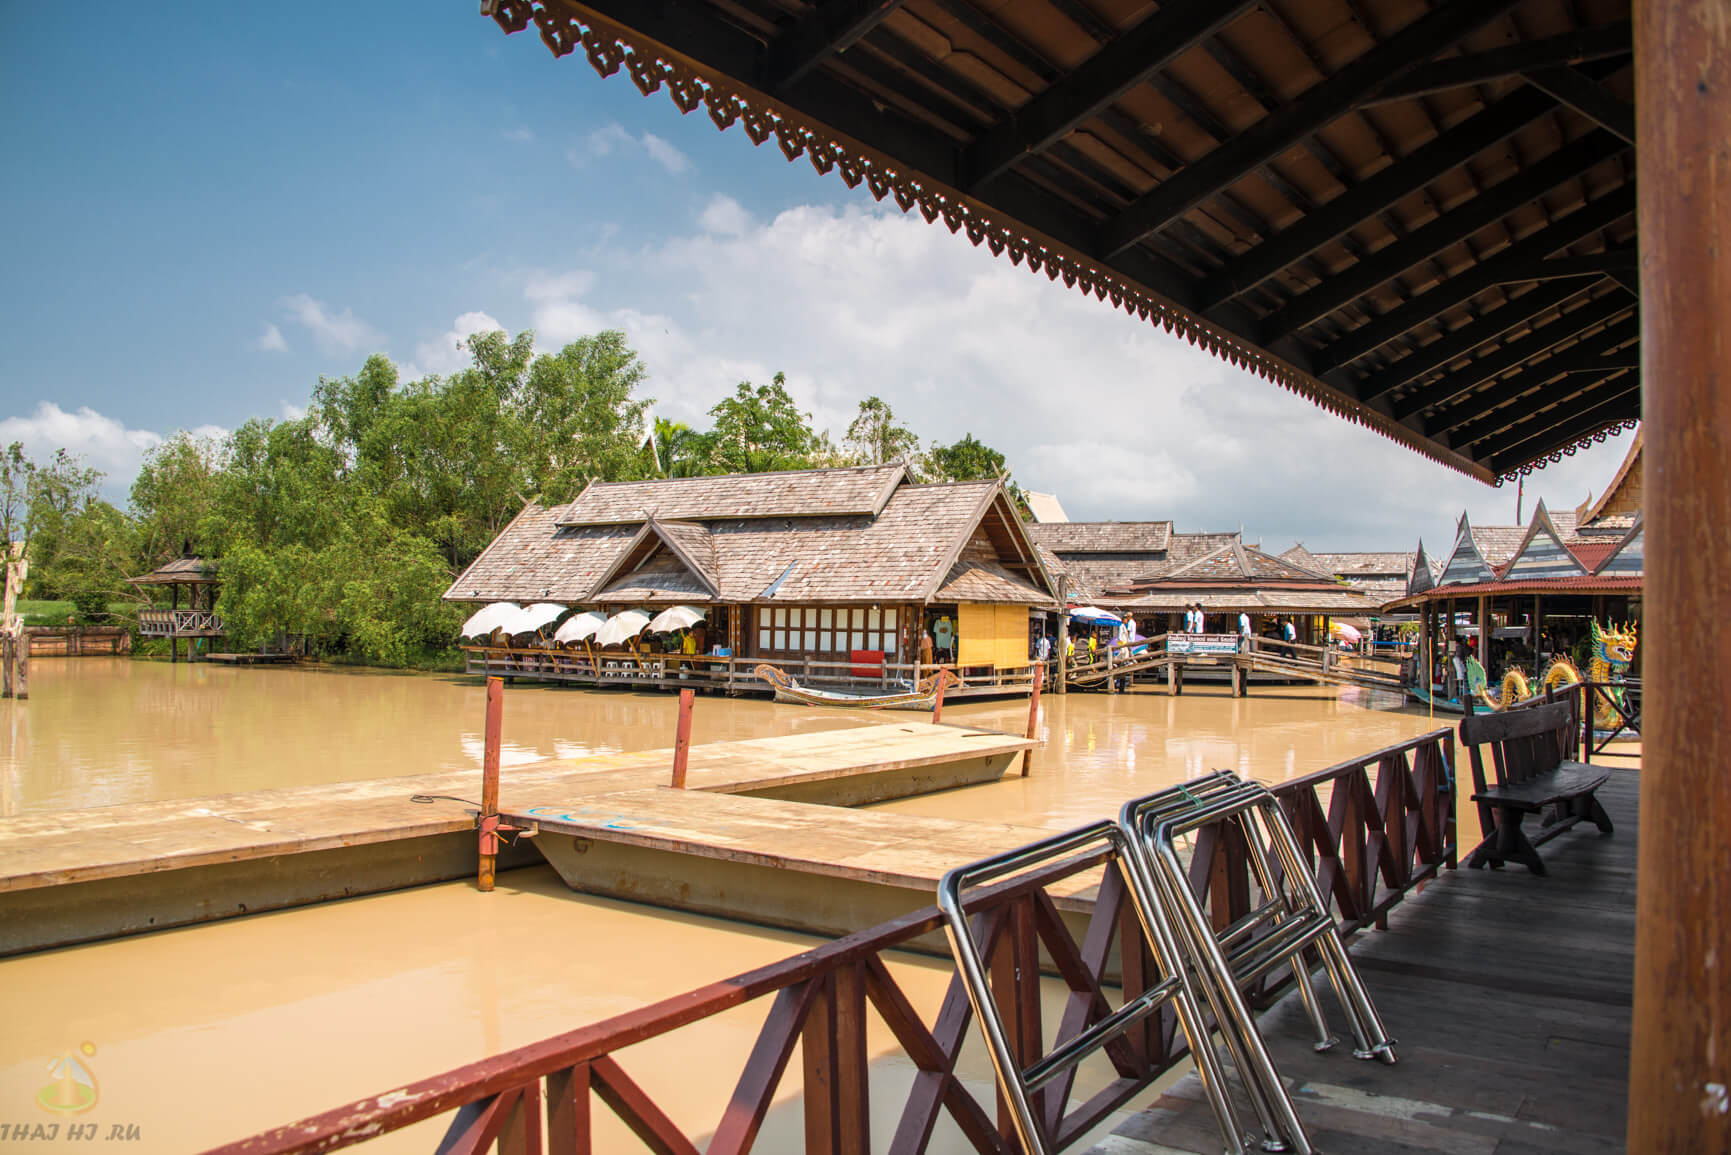 Паттайя, плавучий рынок, фотографии и видео